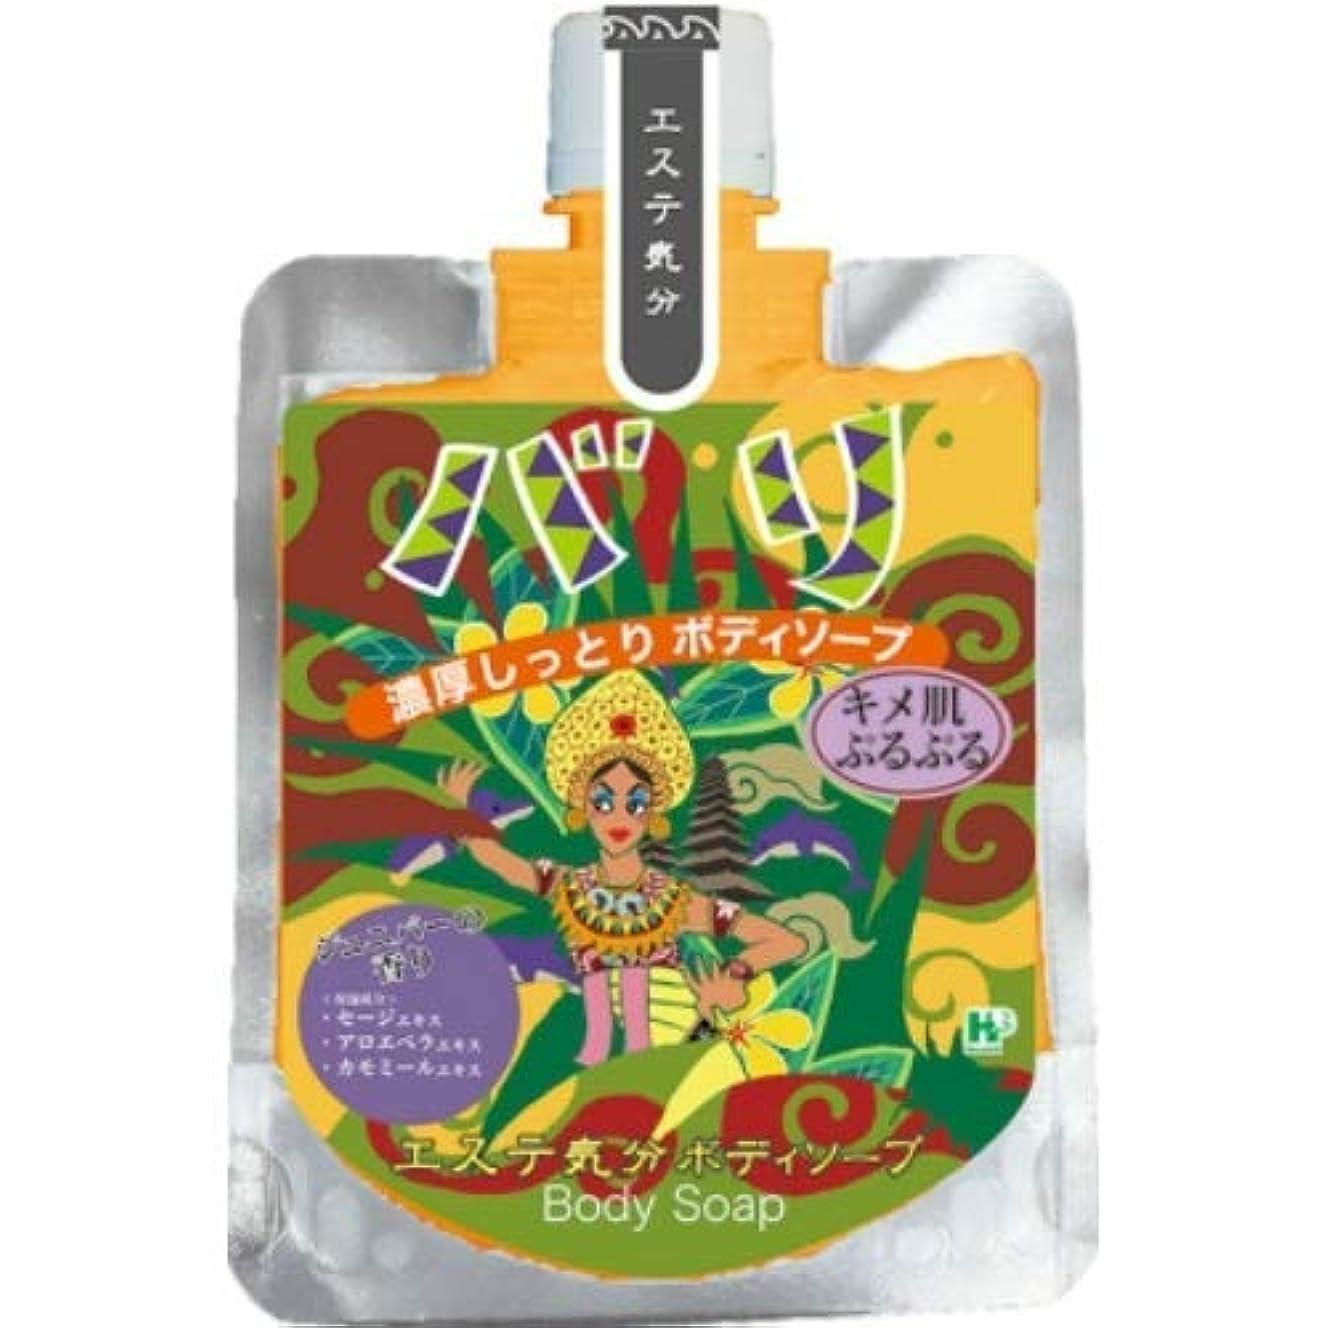 工場贈り物充電エステ気分ボディーソープ バリ × 12個セット